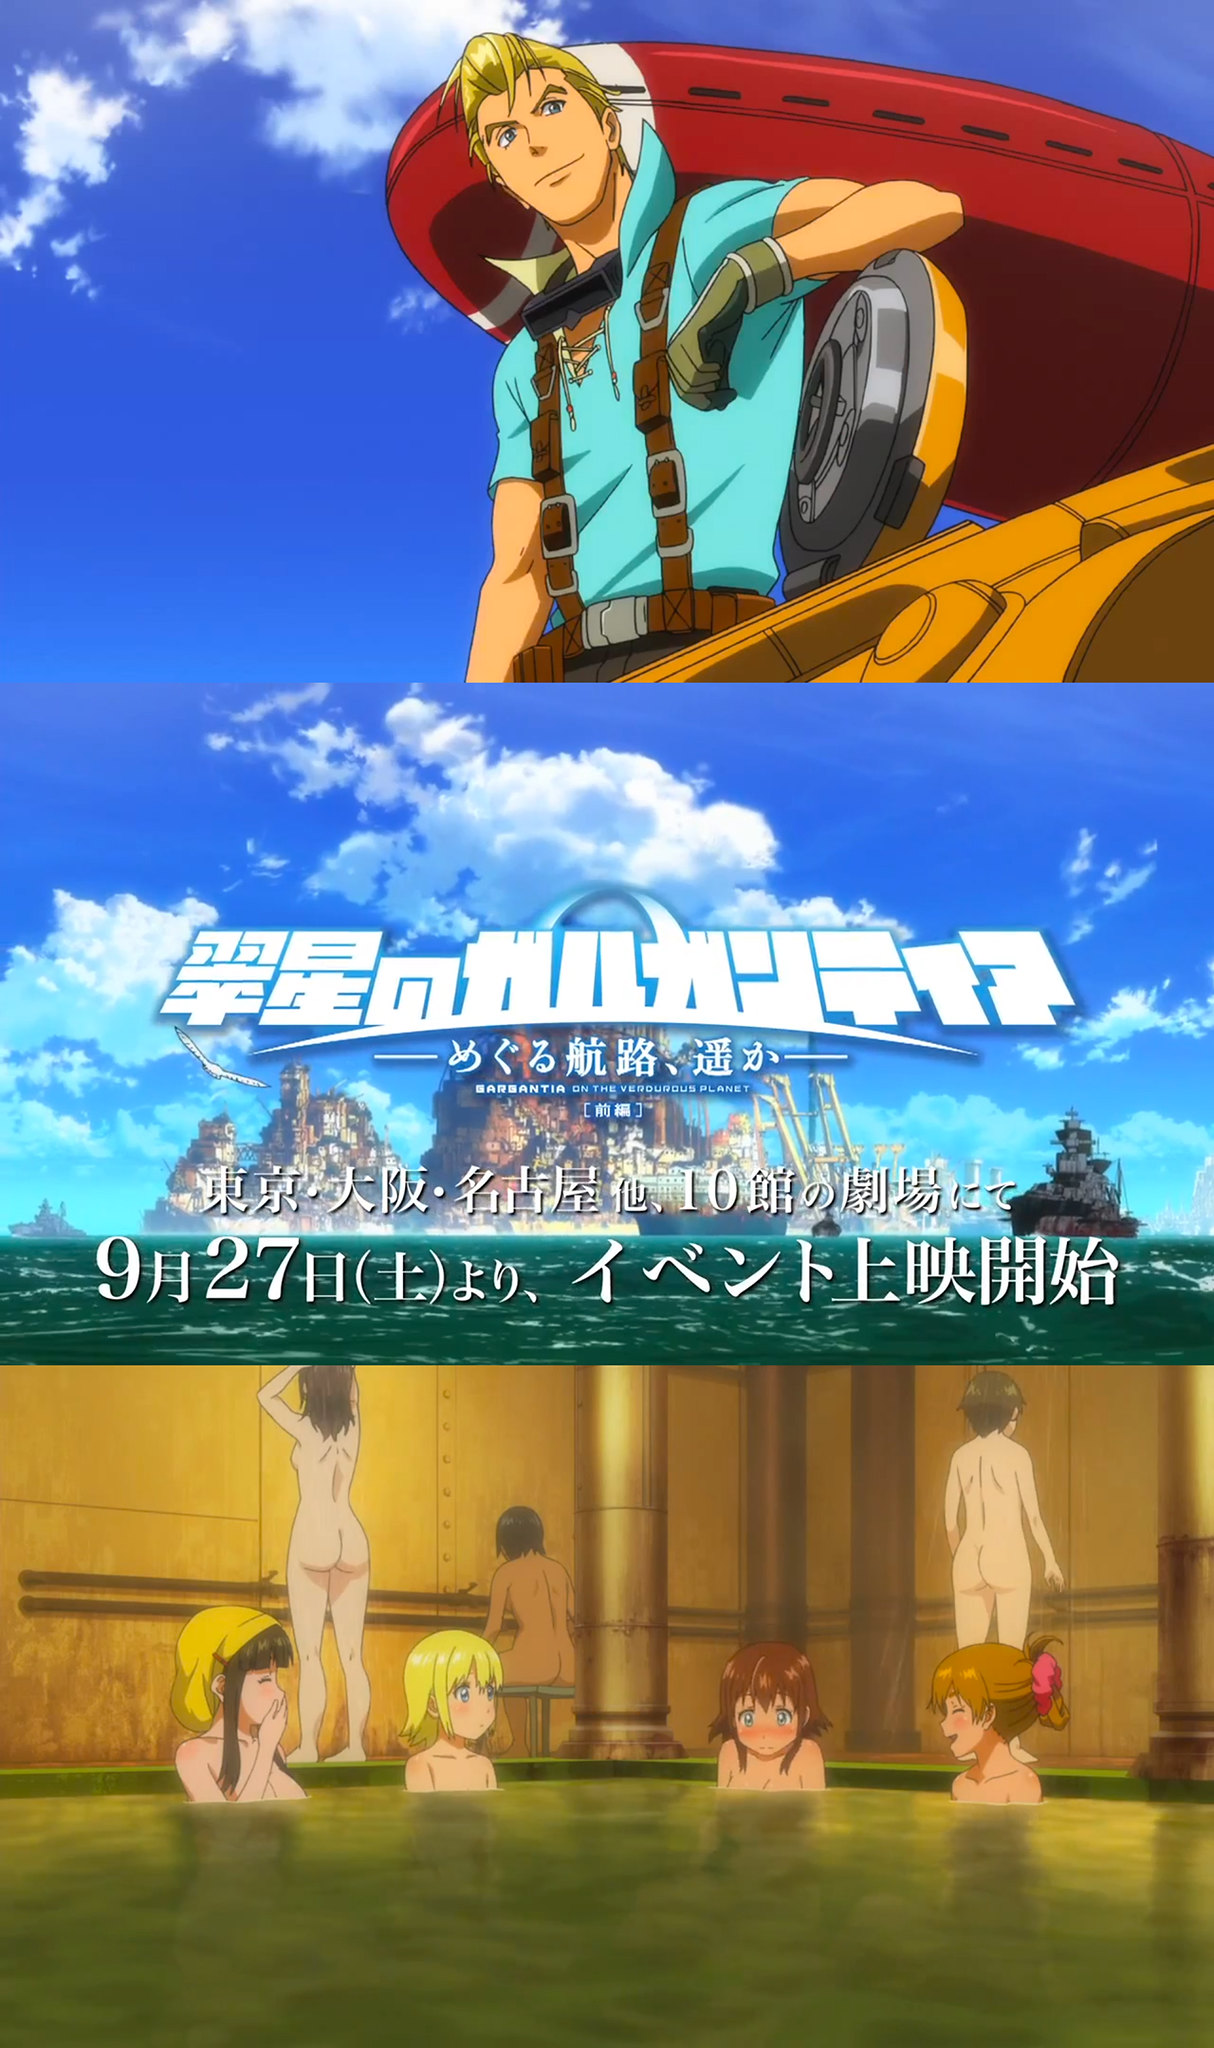 140830(3) - 養眼預告片大公開、OVA前篇《翠星上的加爾岡緹亞 ~邁向遙遠的航路~》預定11/21發售!